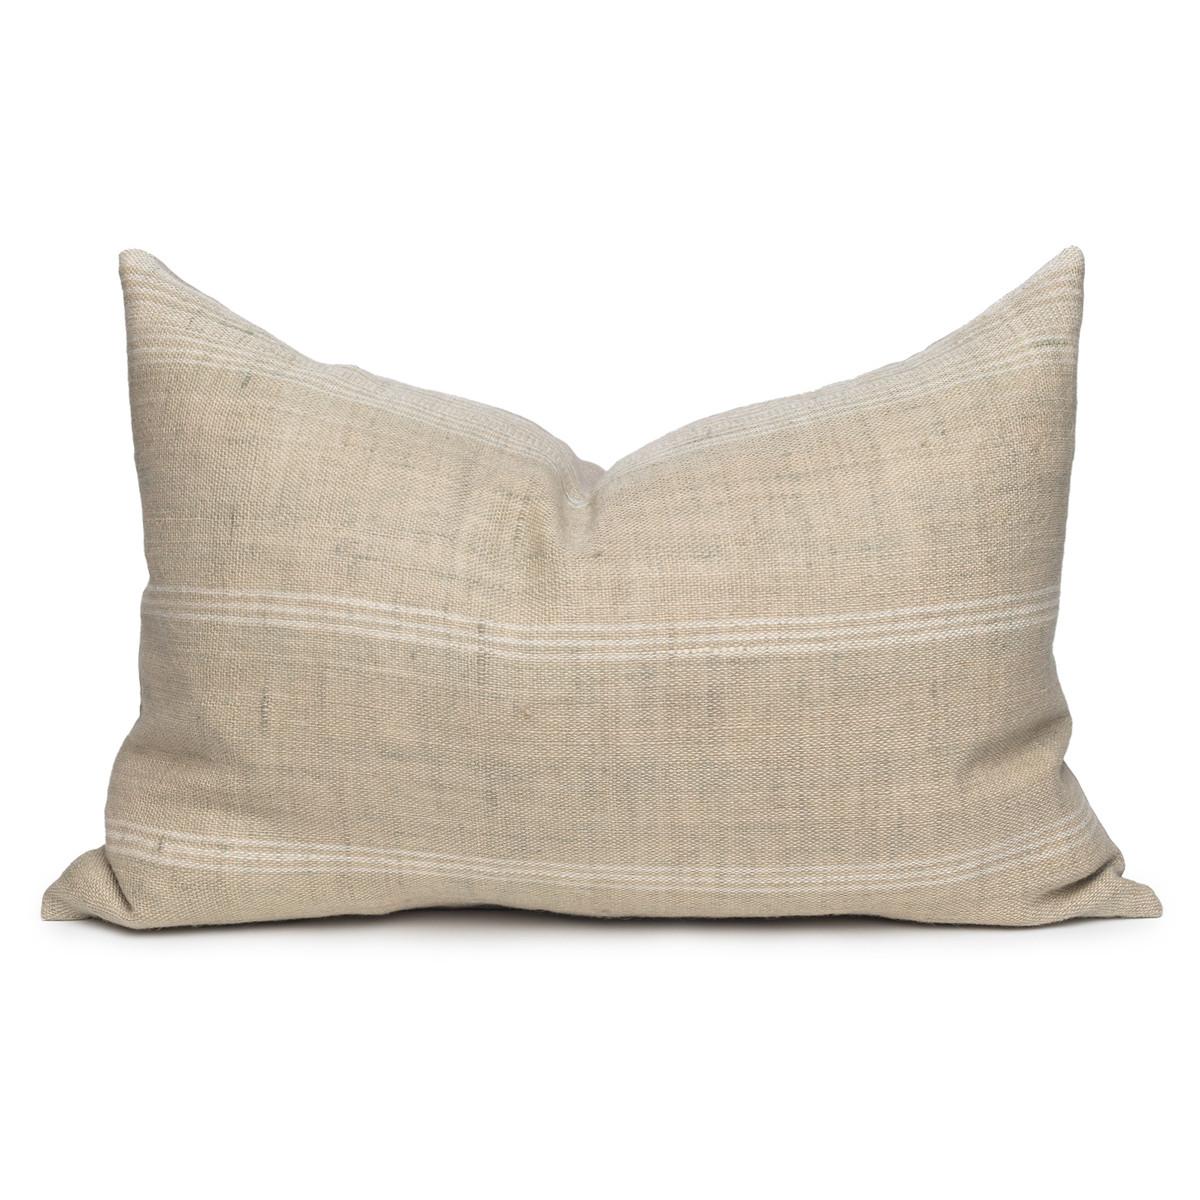 Trevor Handspun Indian Wool Sage Lumbar Pillow- 18 x 26- Front View